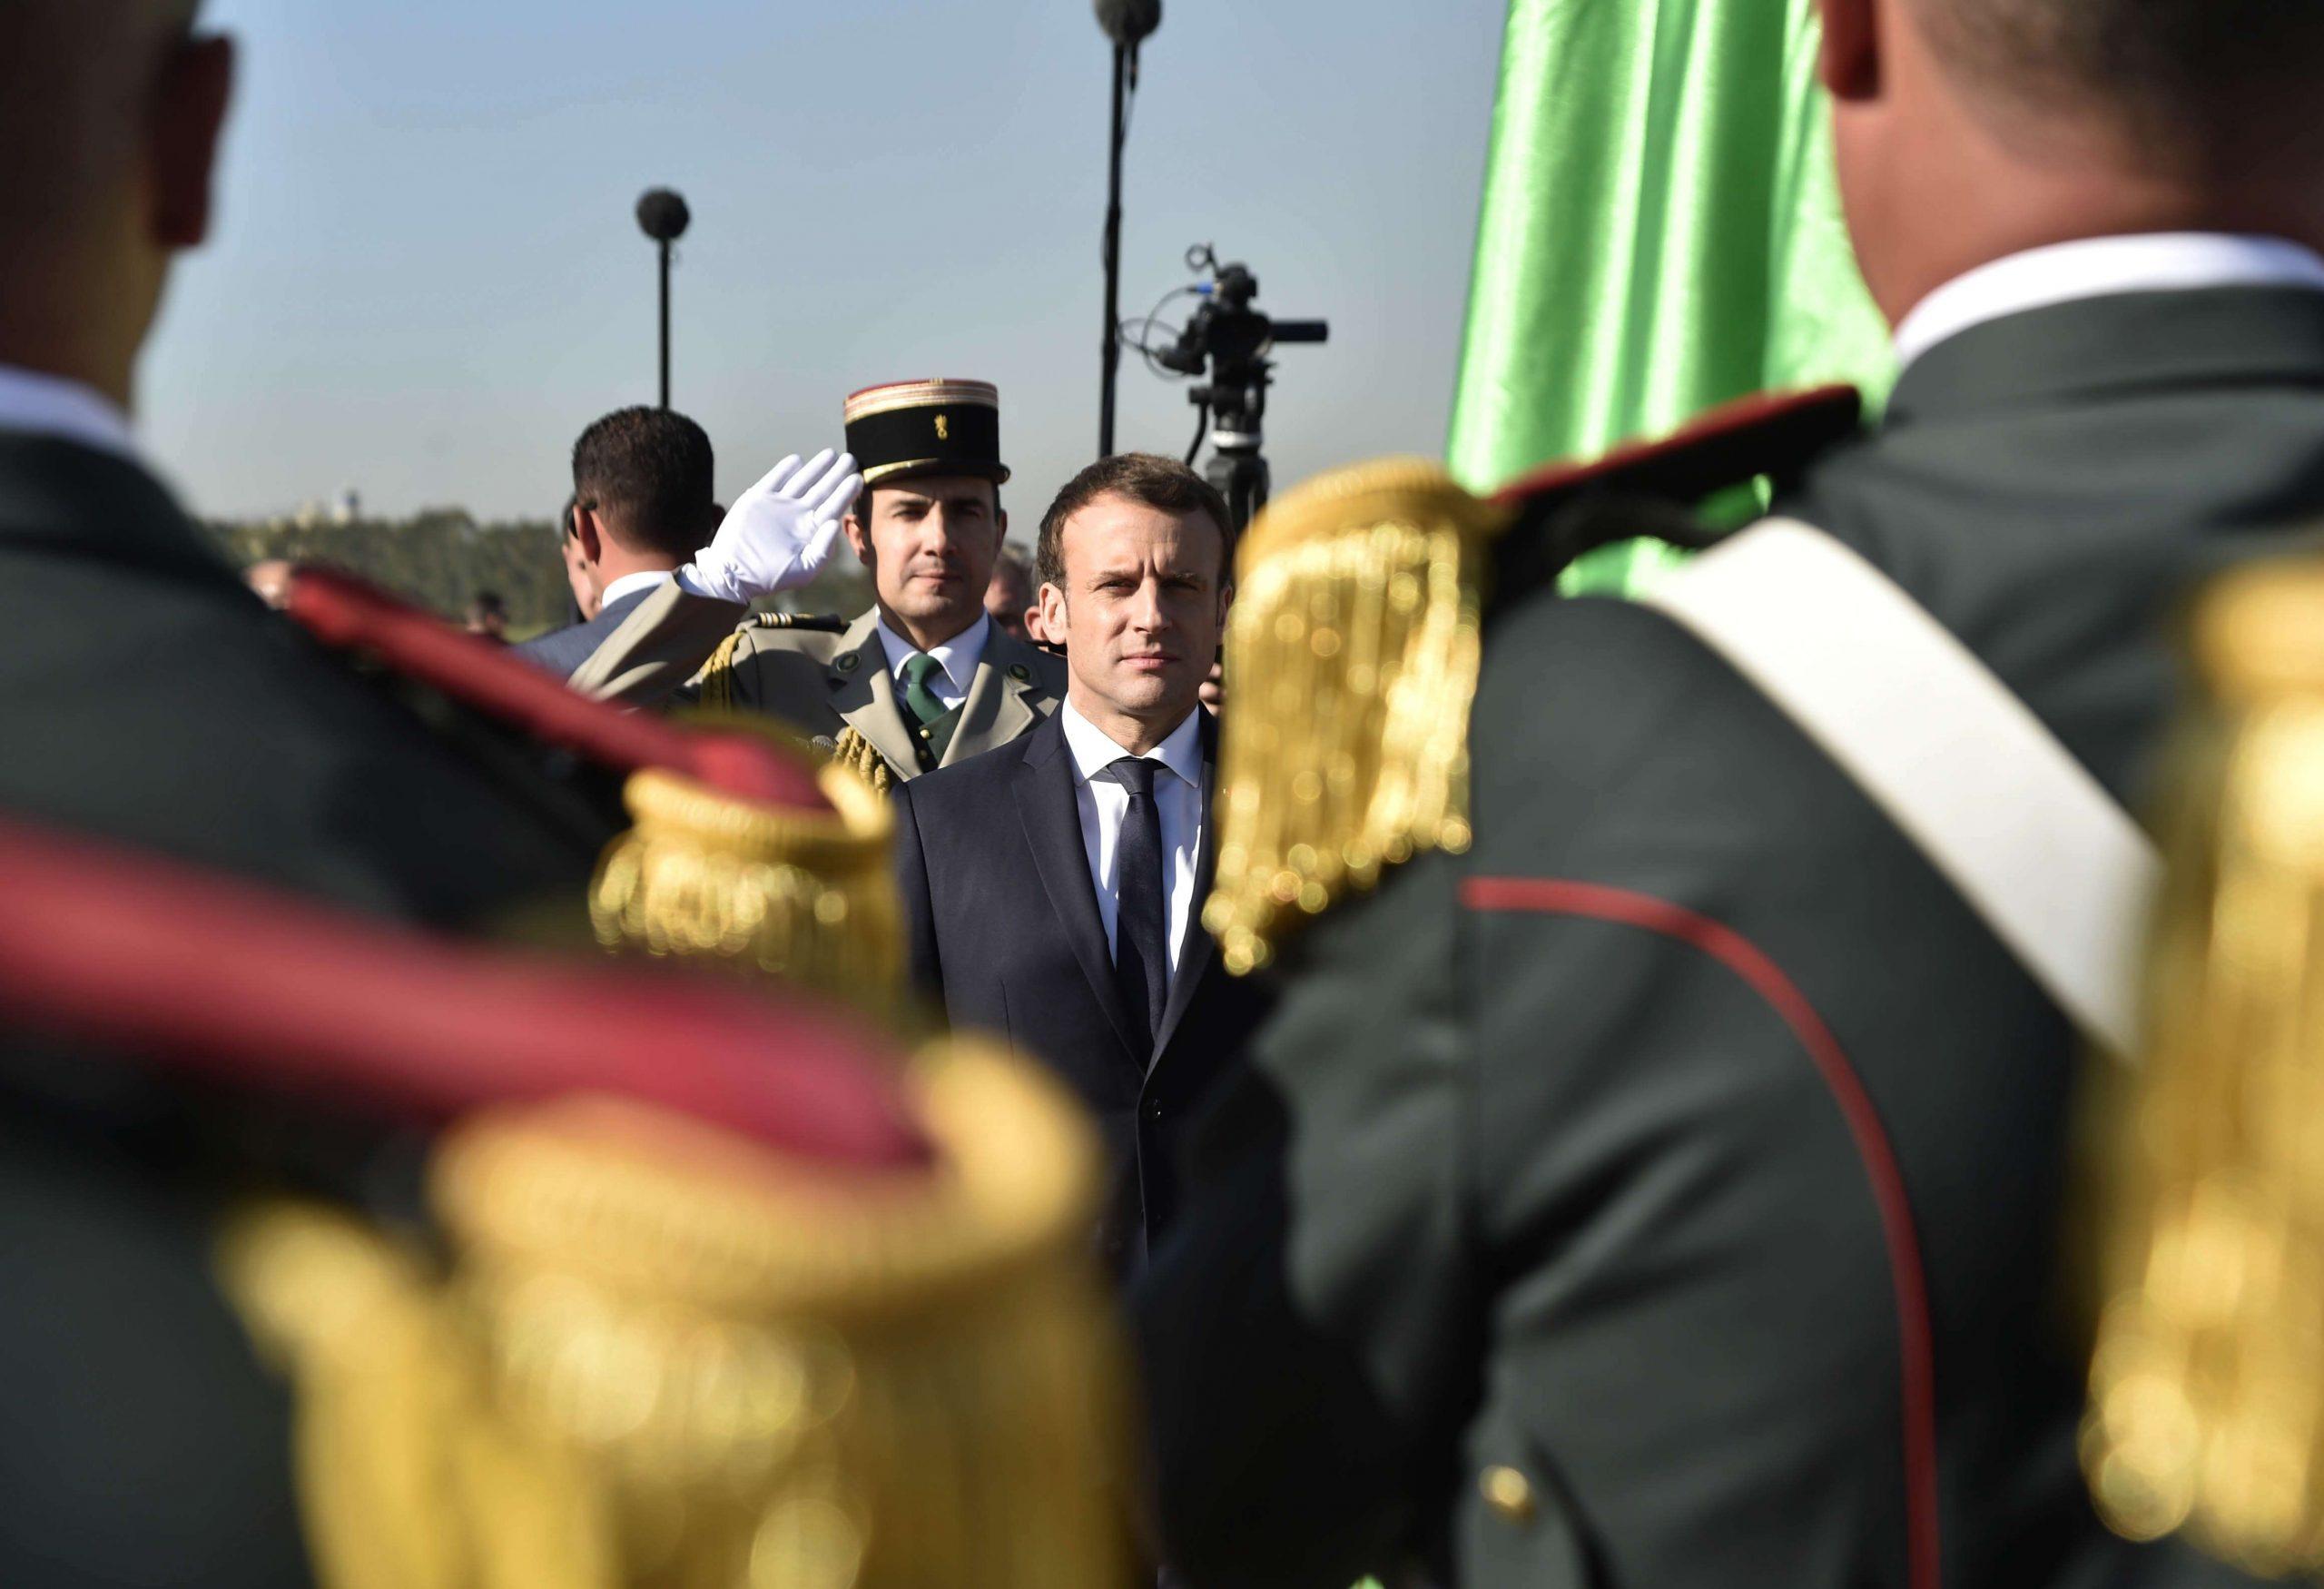 Le président français Emmanuel Macron à son arrivée à Alger, le 6 décembre 2017.